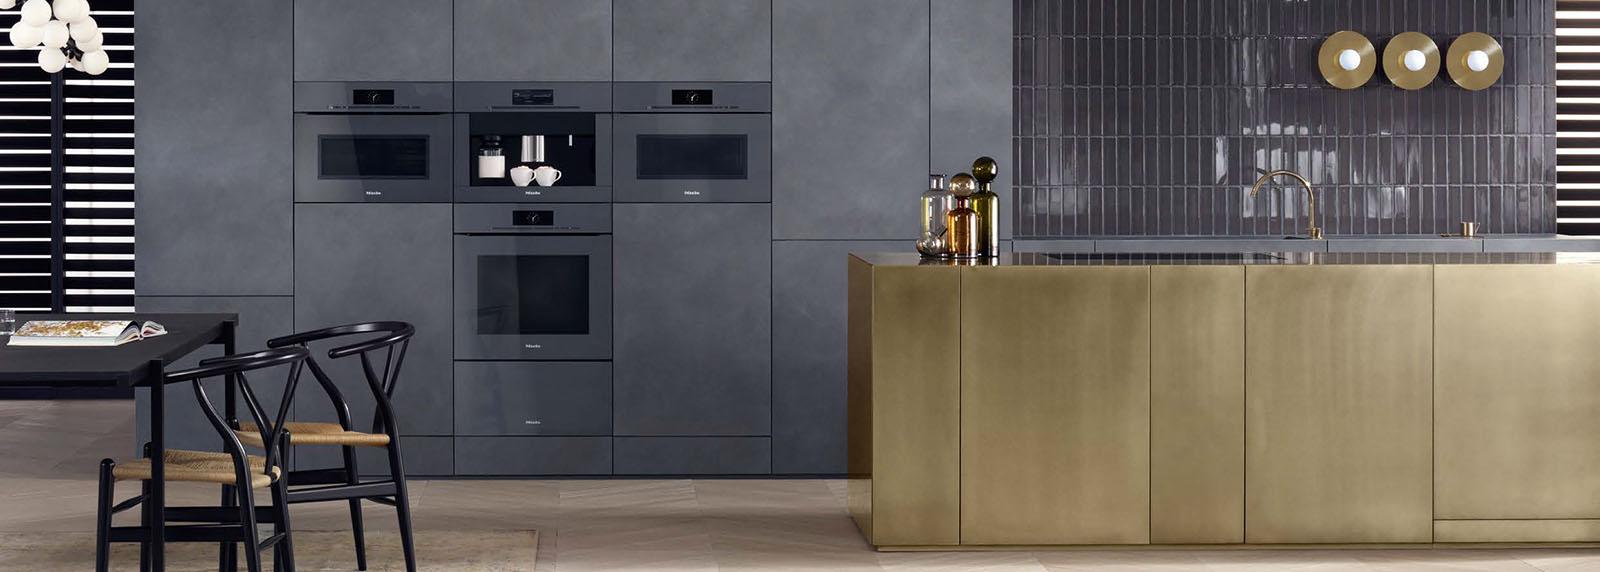 De Miele Artline oven in de nieuwste kleurtrend voor keukens. Grafietgrijs, een donkere, koele, maar ook elegeante kleur.